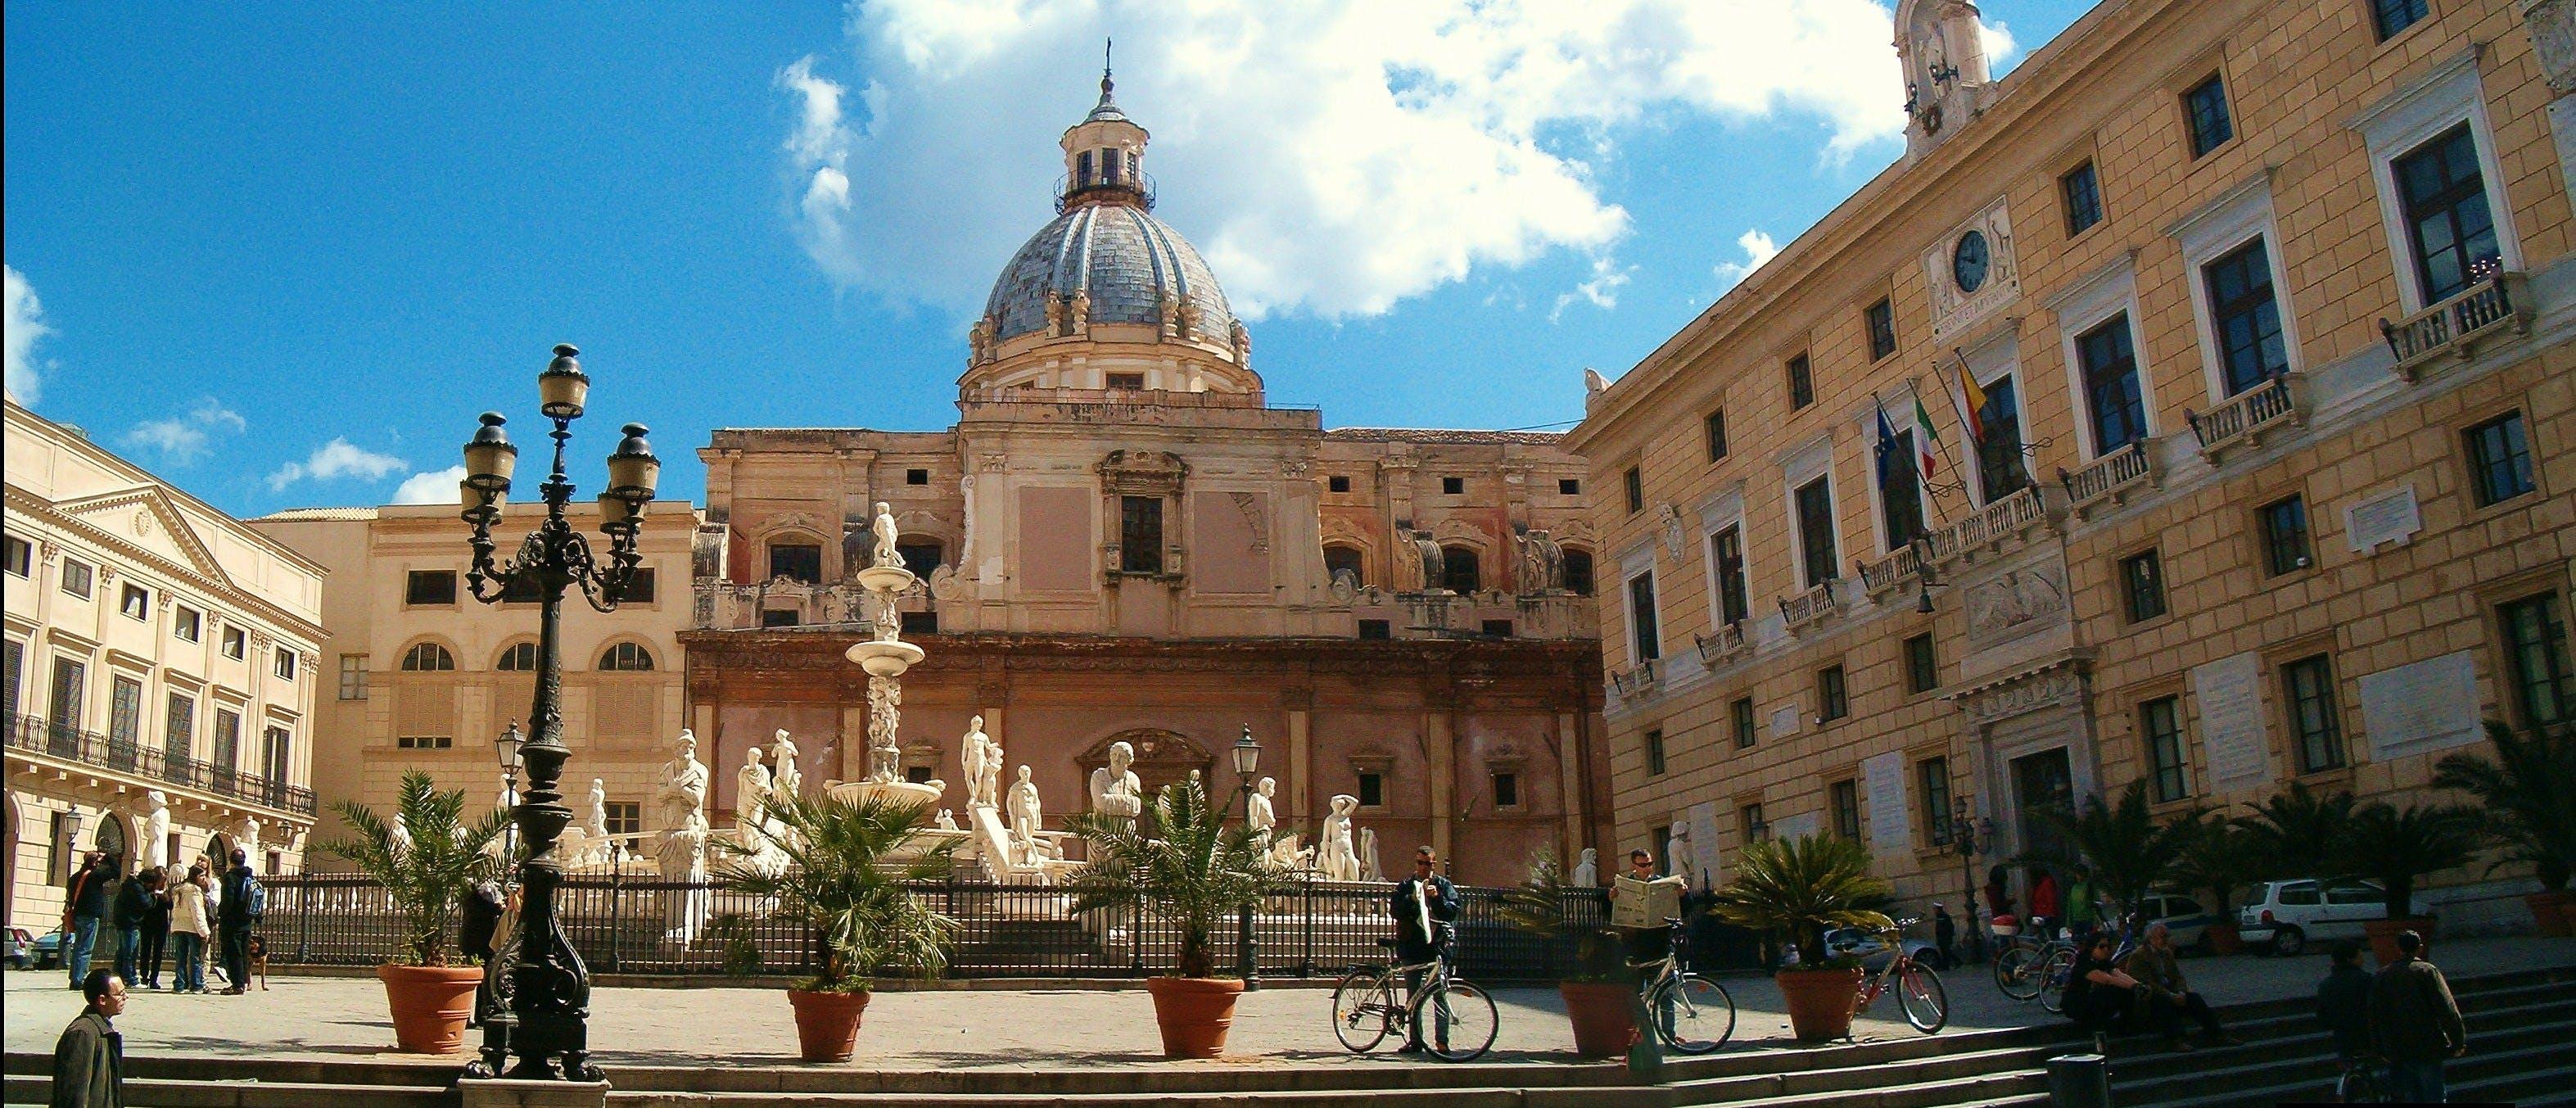 Ver la ciudad,Excursión a Palermo